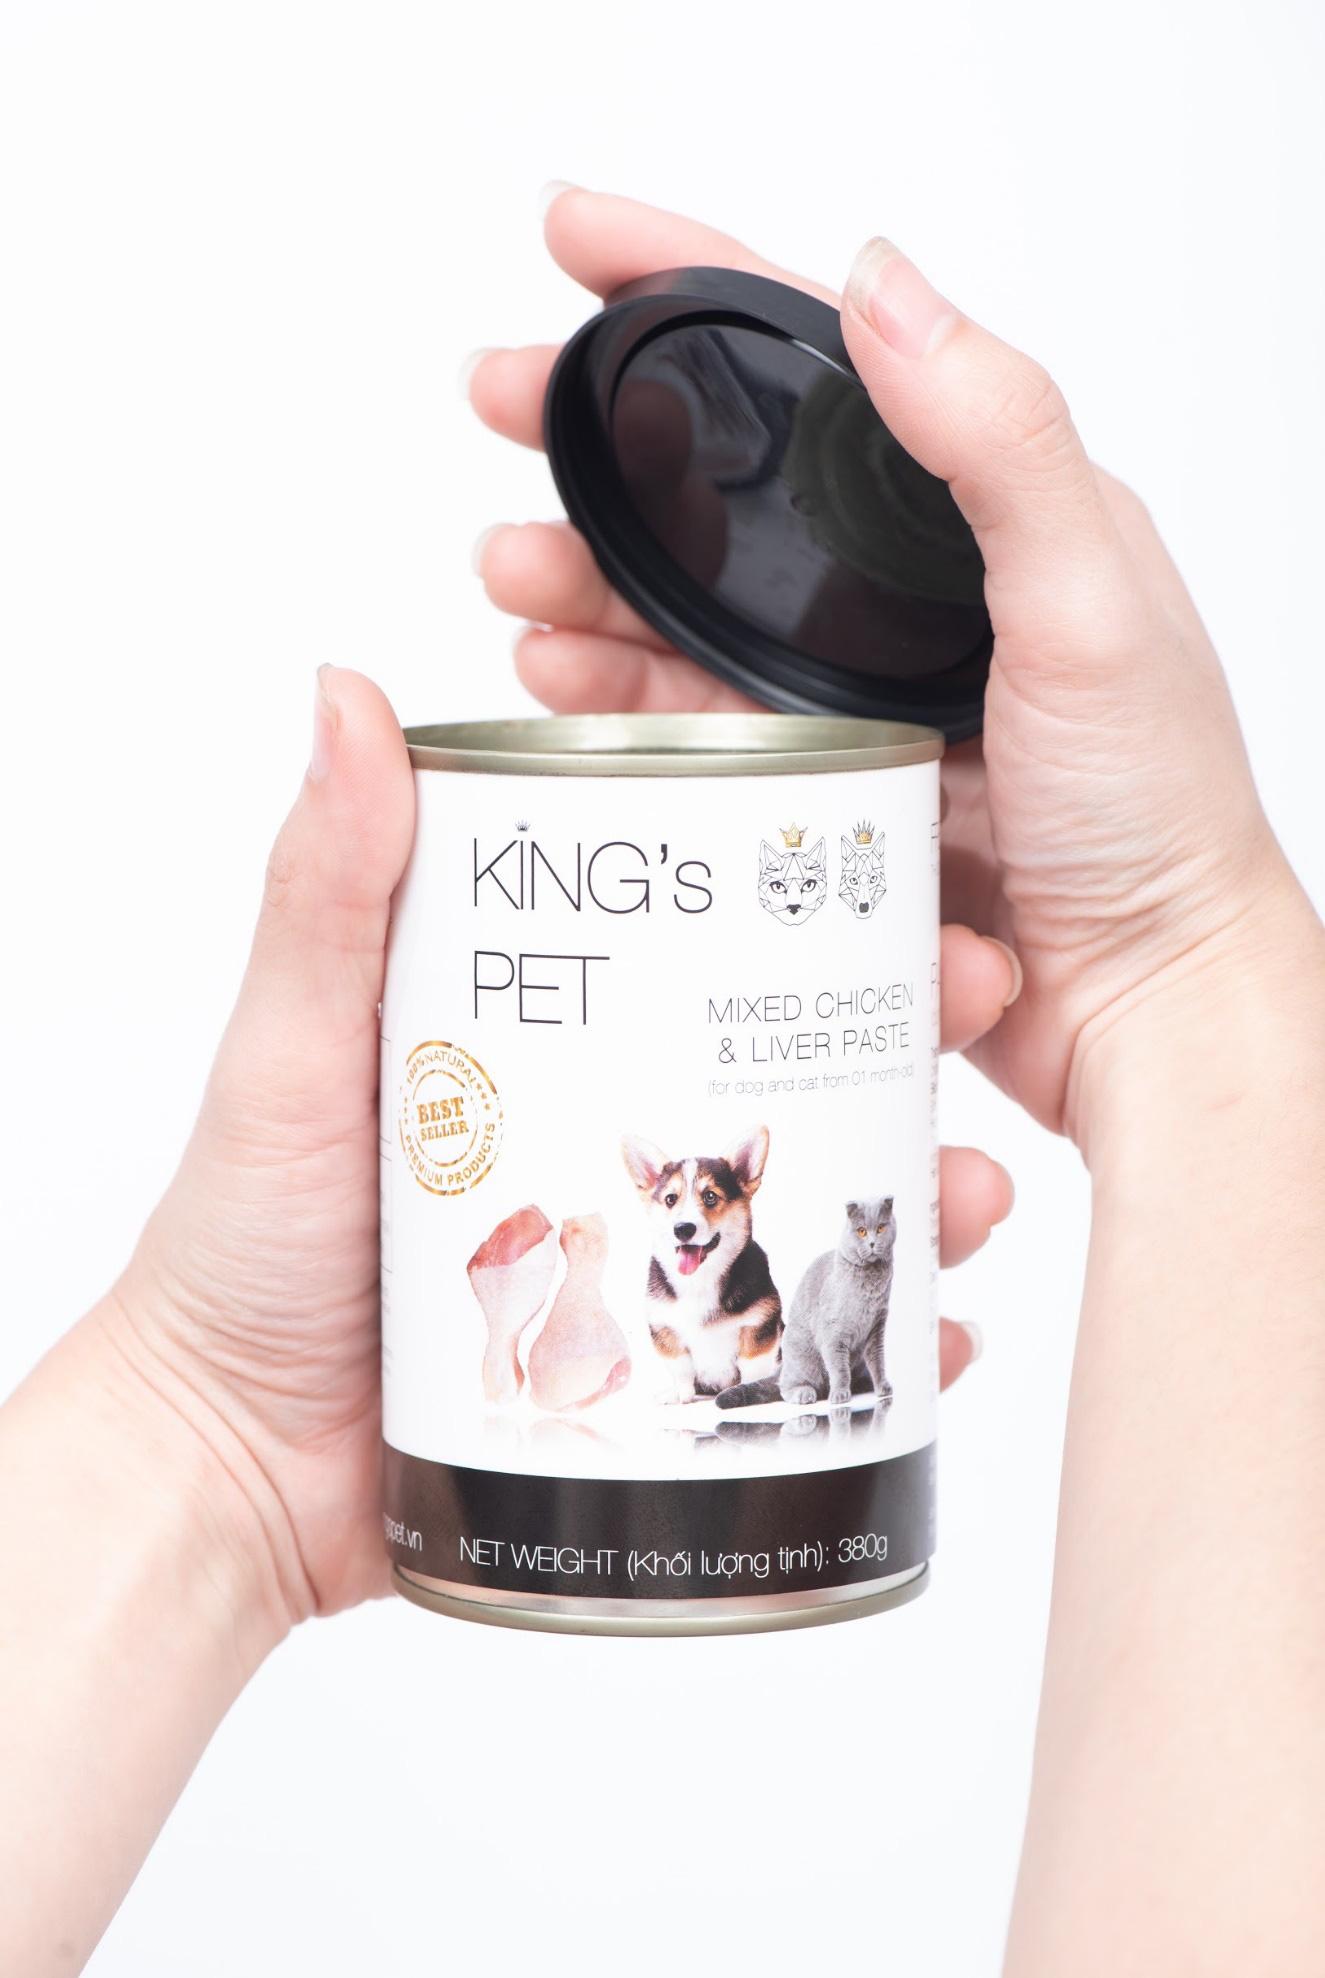 Pate chó mèo King's Pet – Bùng nổ Combo dinh dưỡng tươi ngon giao tận nơi mùa dịch - Ảnh 3.